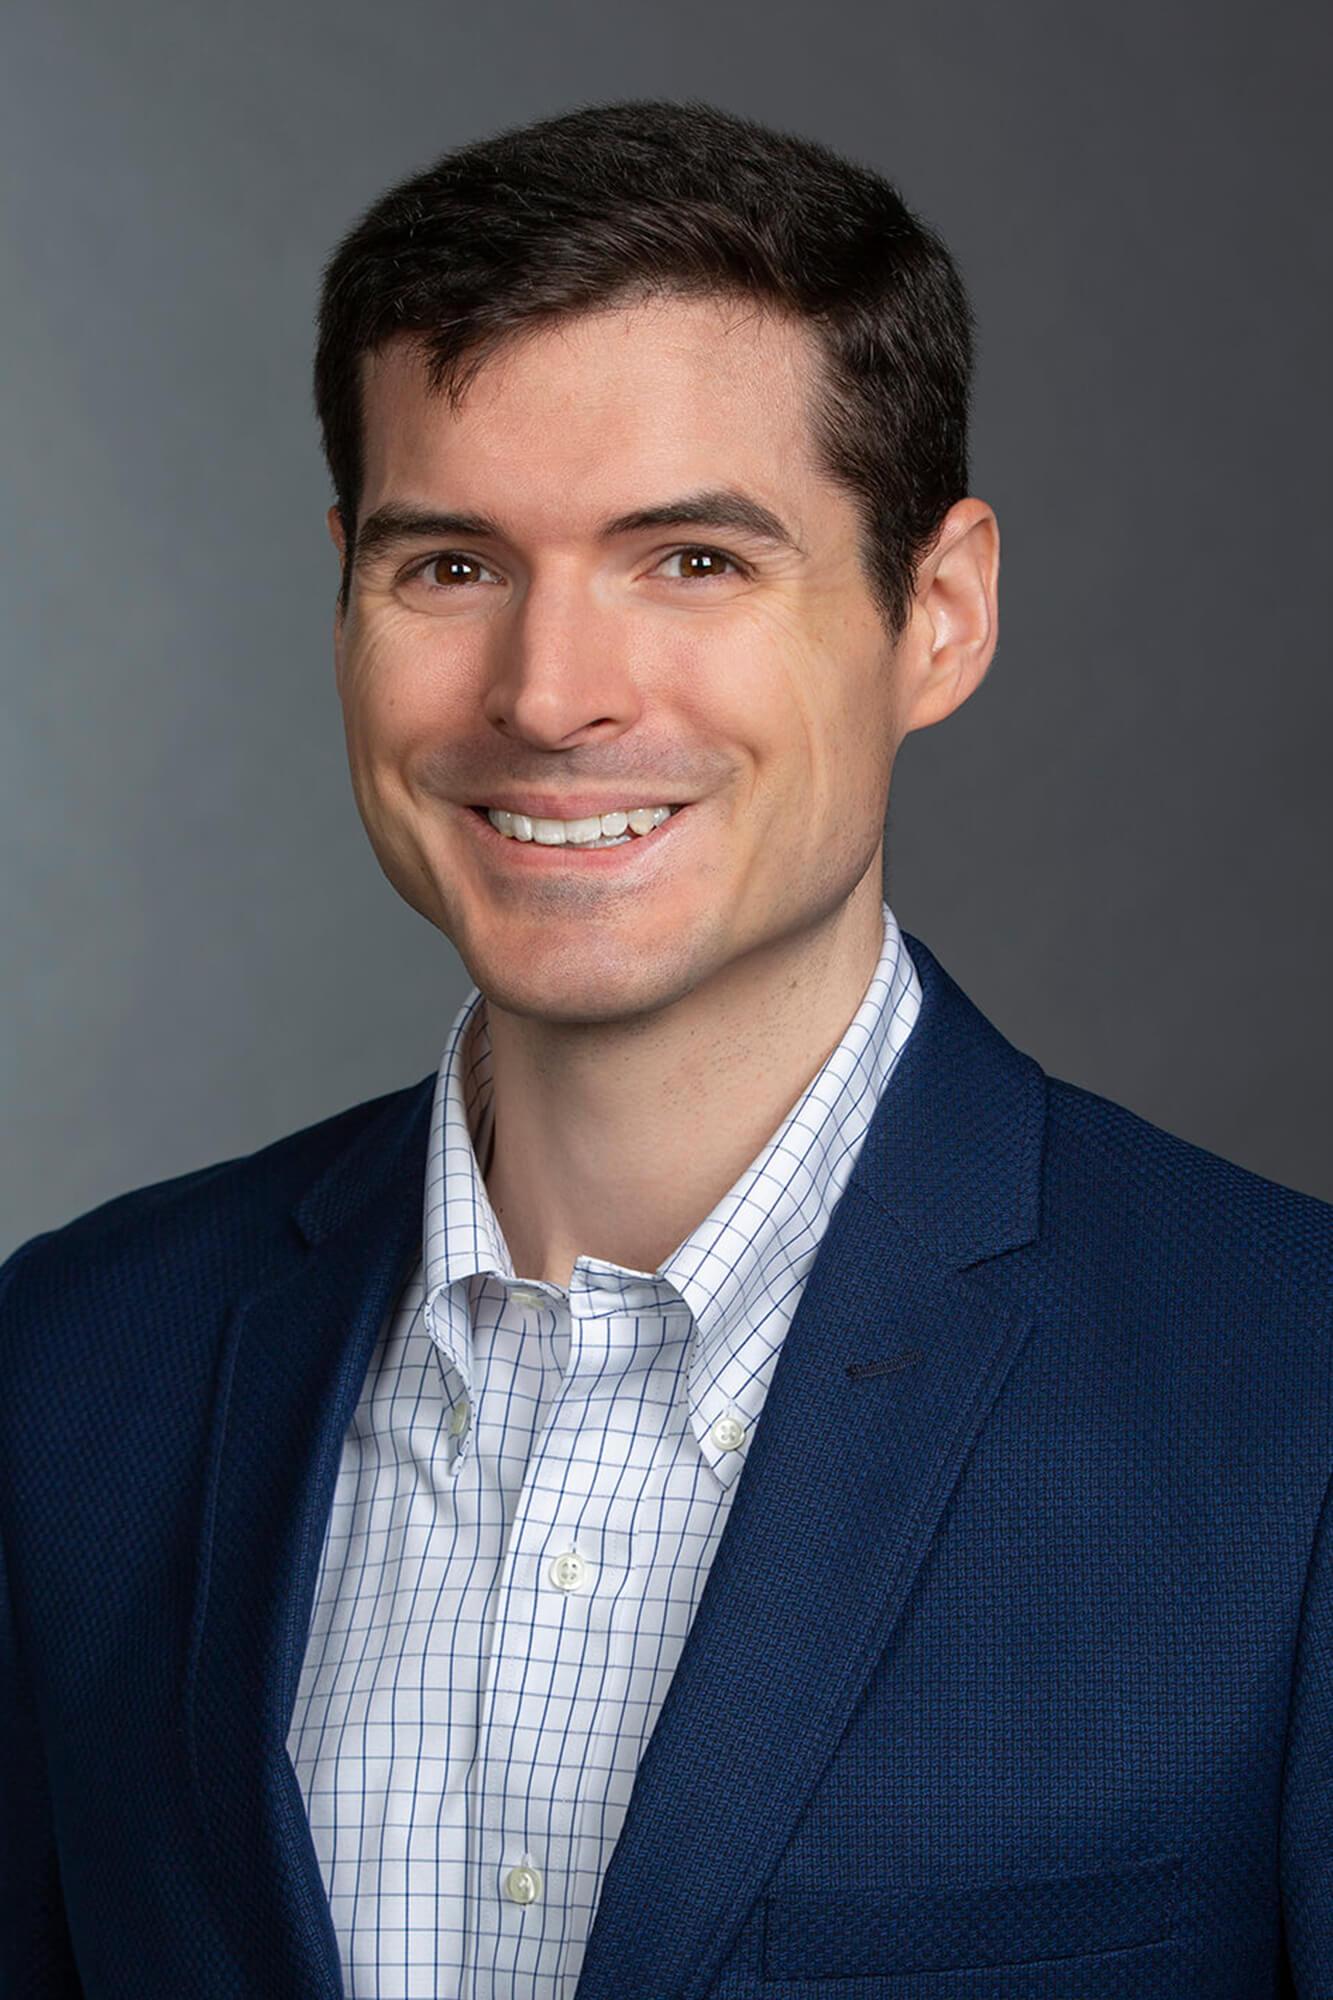 Brian Laverdure